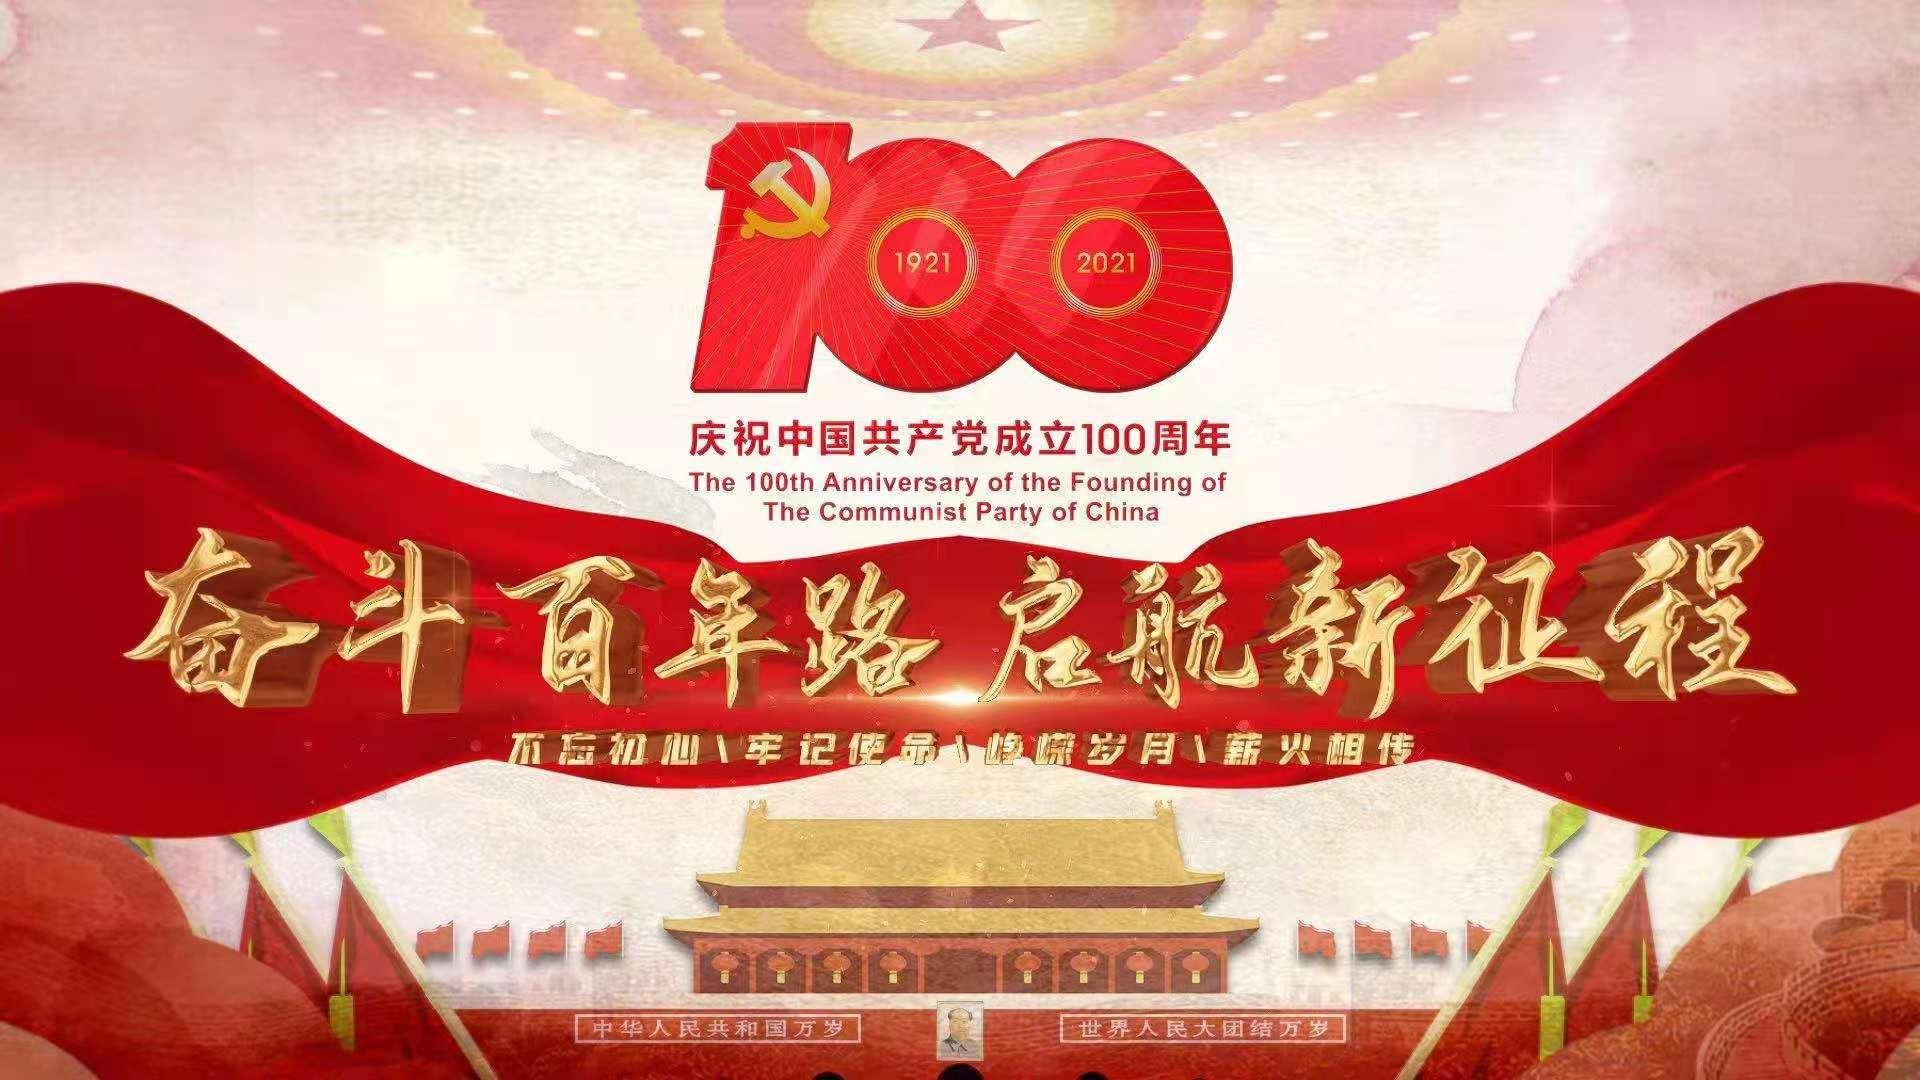 庆祝中国共产党成立100周年 奋斗百年路,起航新征程! -房产公司组织全体职工观看大会实况直播